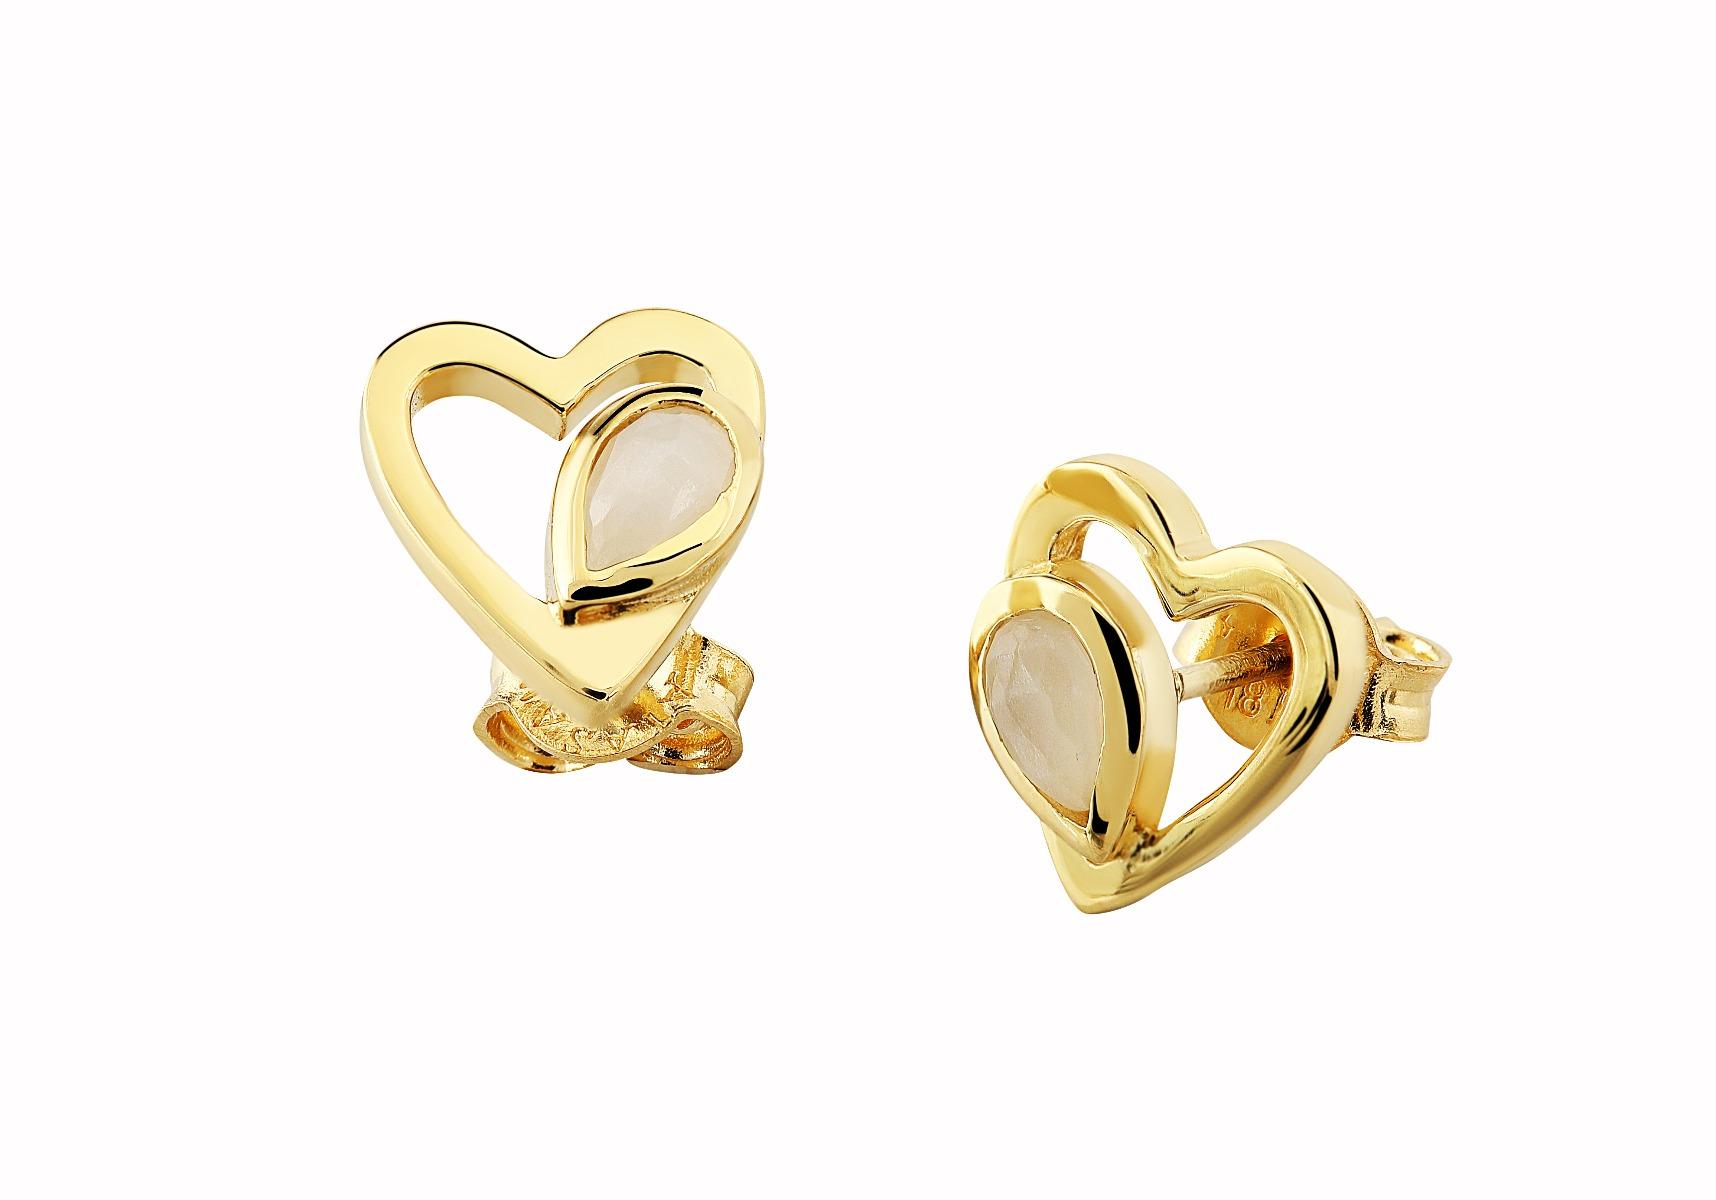 Jou Earrings with Natural Gemstones